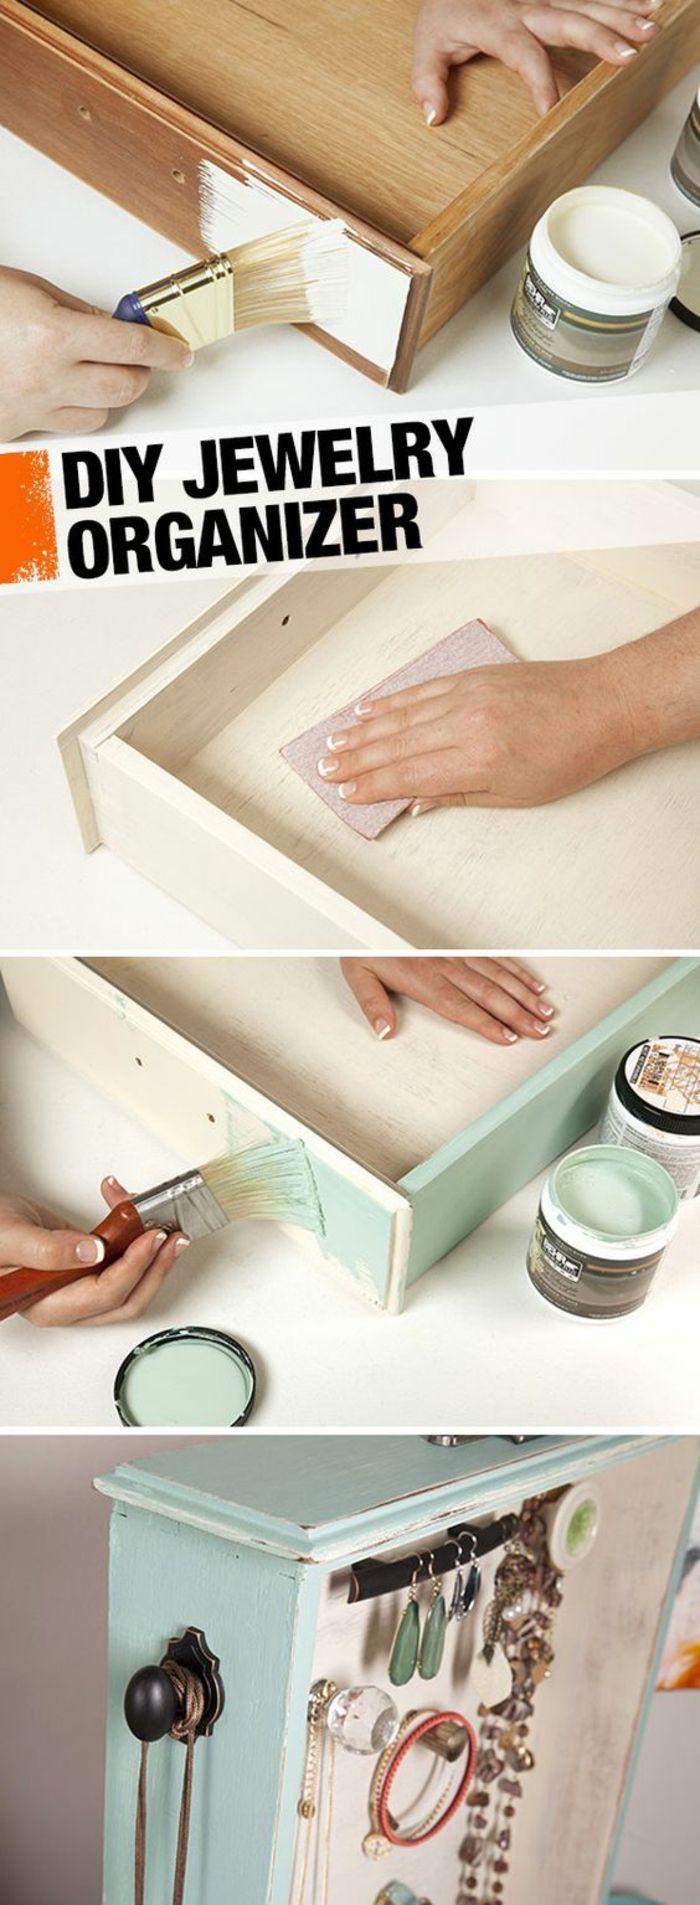 die besten 25 schubladen ideen auf pinterest schlafzimmerschubladen kommode und ikea schubladen. Black Bedroom Furniture Sets. Home Design Ideas